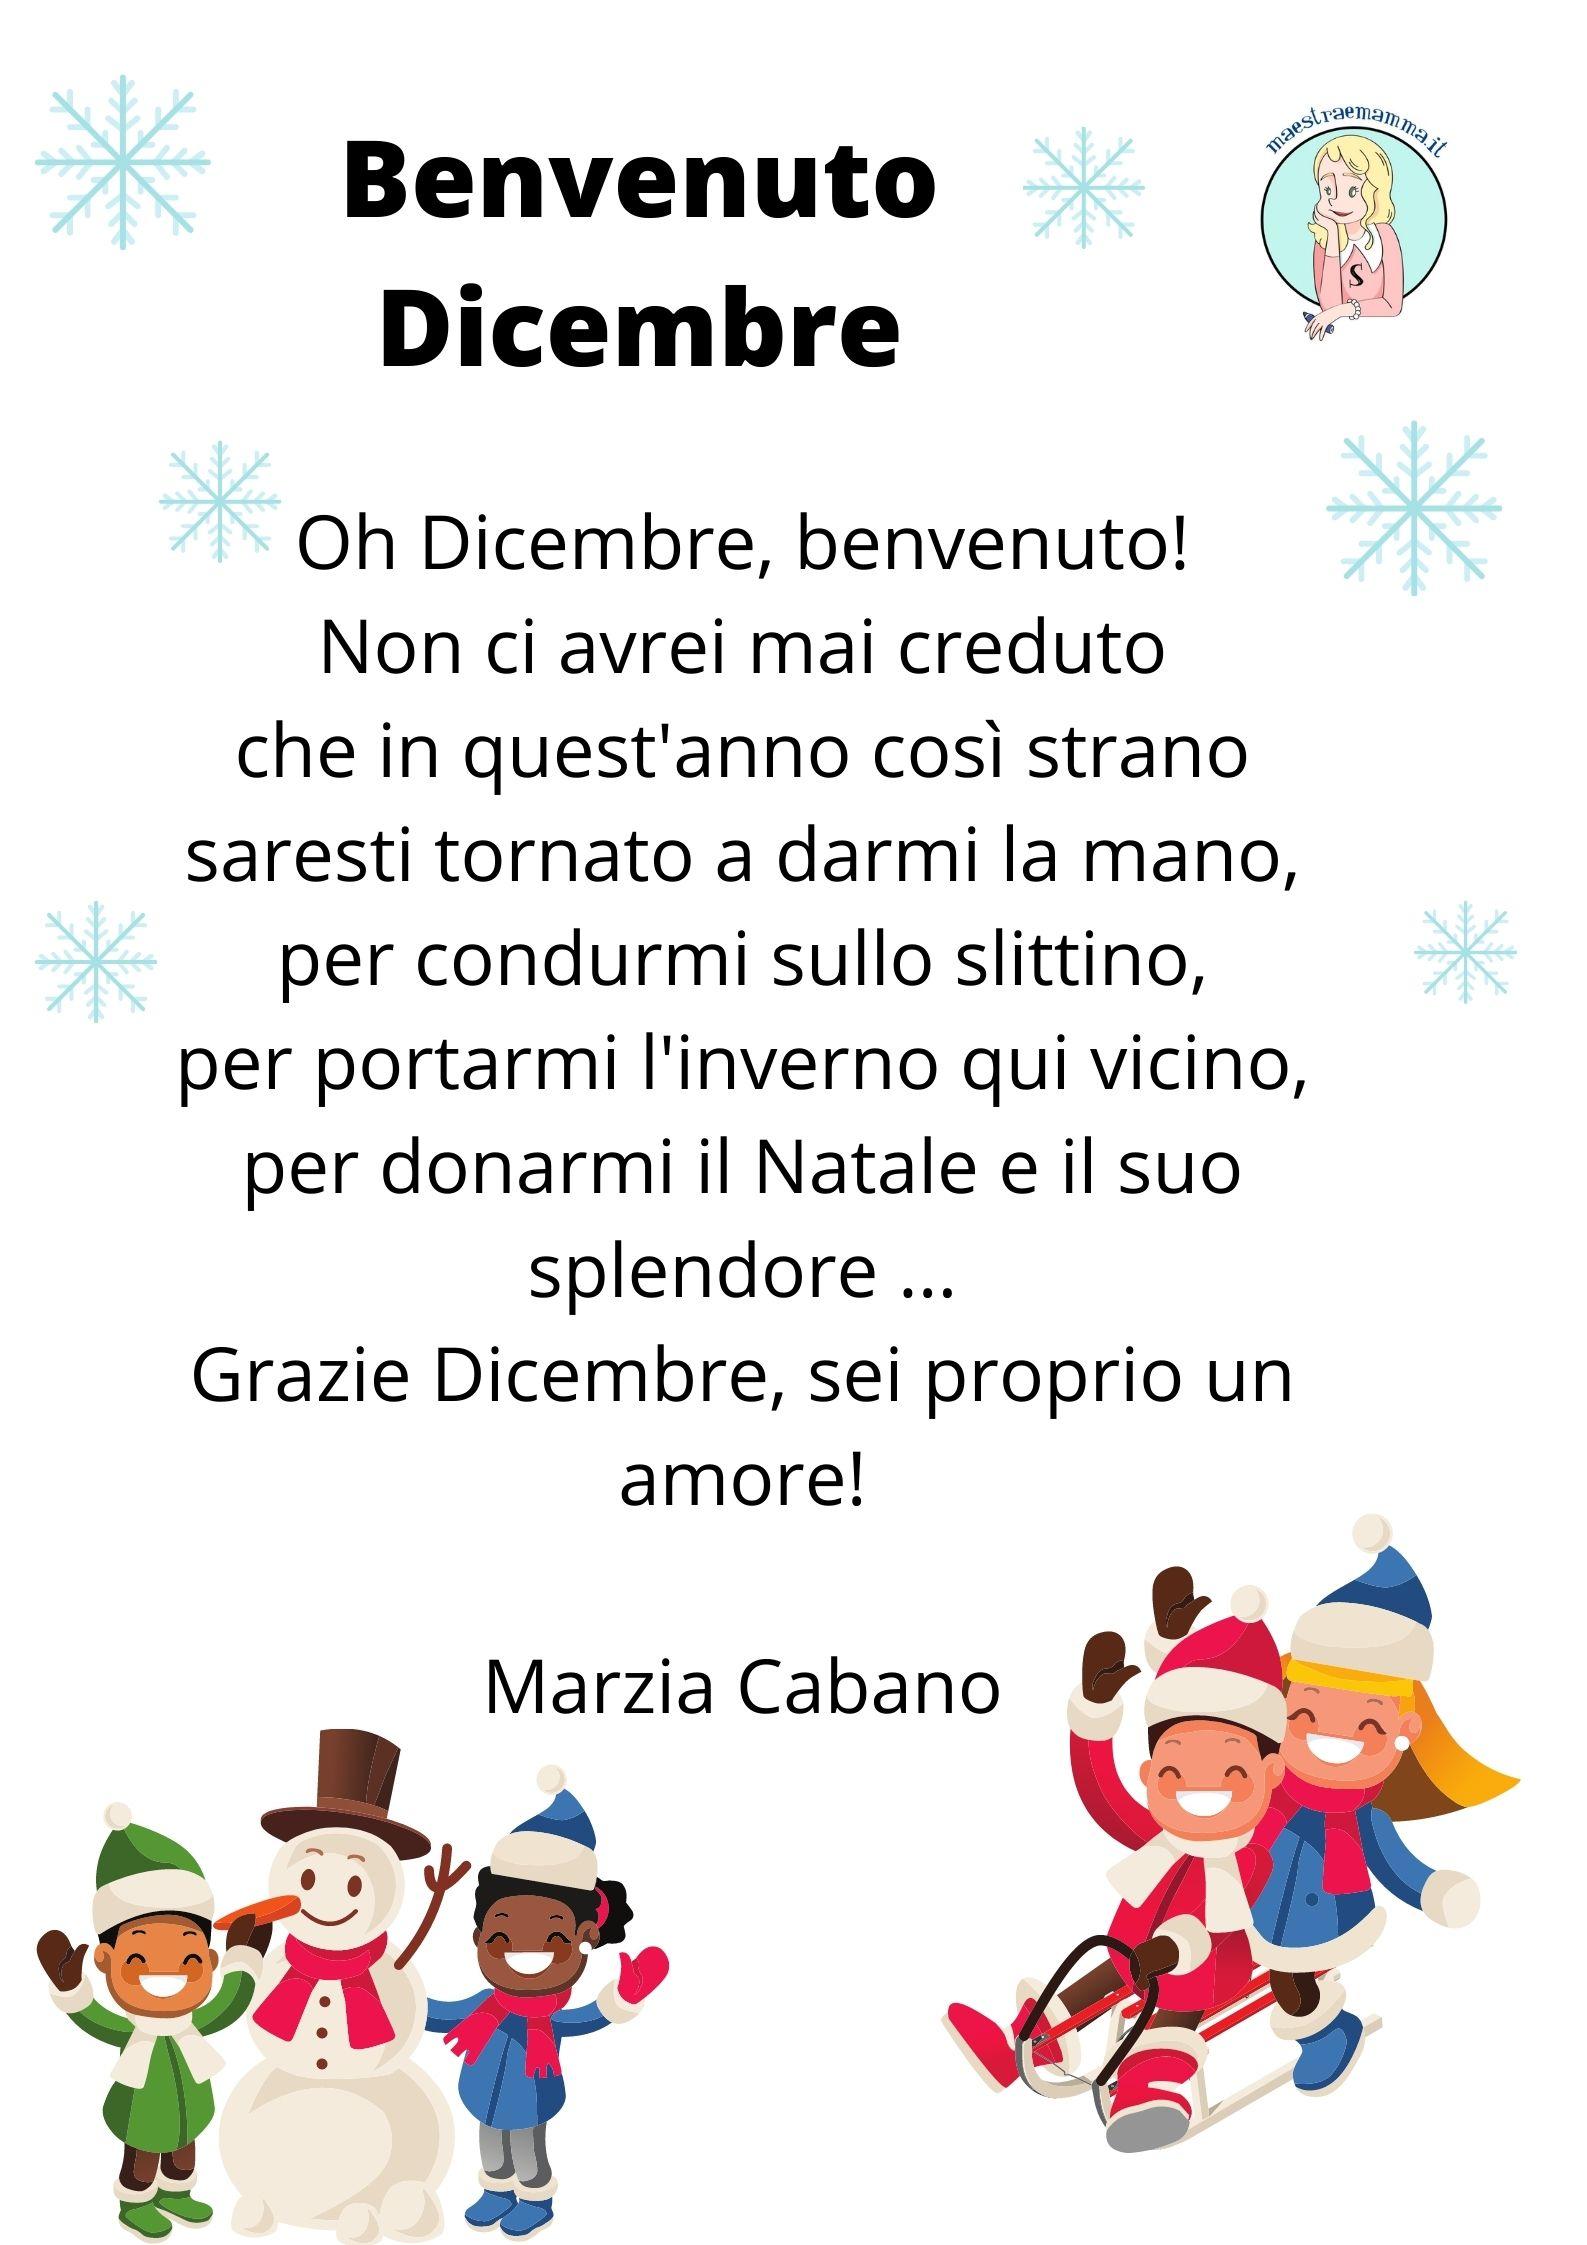 Benvenuto Dicembre! Poesia su Dicembre di Marzia Cabano